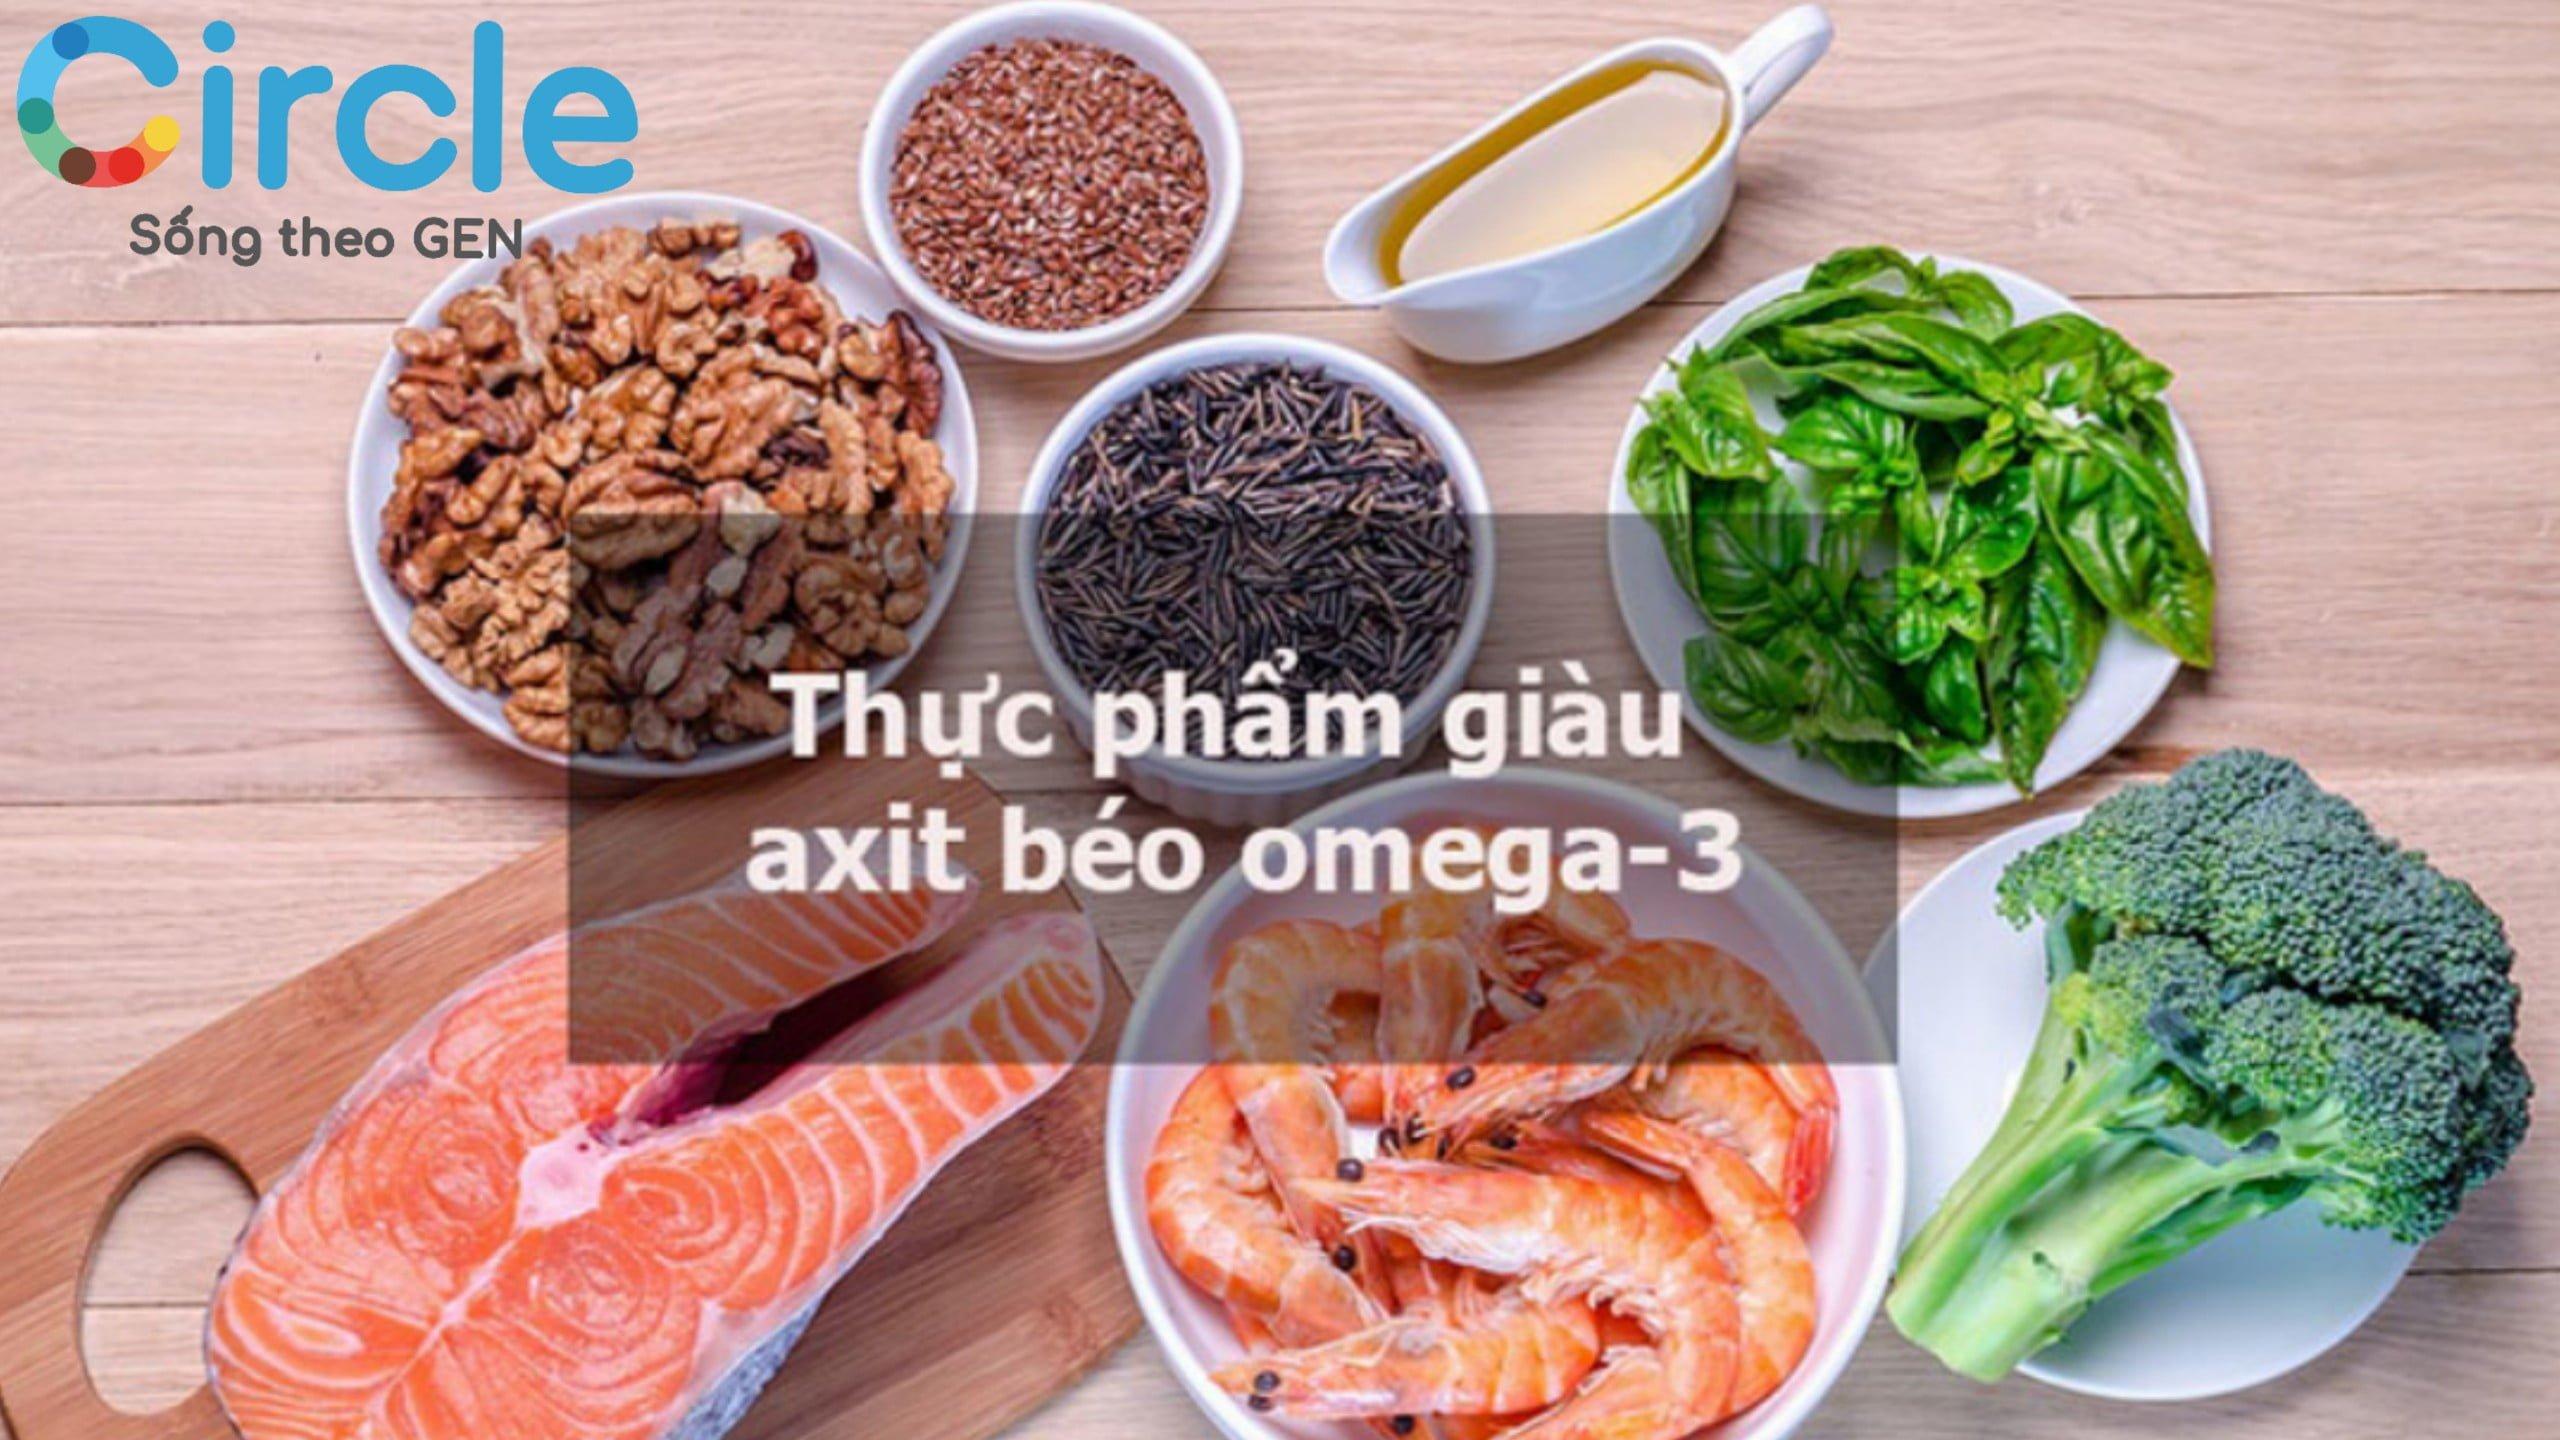 Omega-3 đặc biệt cần thiết và quan trọng cho sự phát triển trí não của trẻ. Chính vì vậy, mẹ hãy bổ sung Omega-3 trong chế độ ăn dặm cho trẻ 7 tháng tuổi nhé!